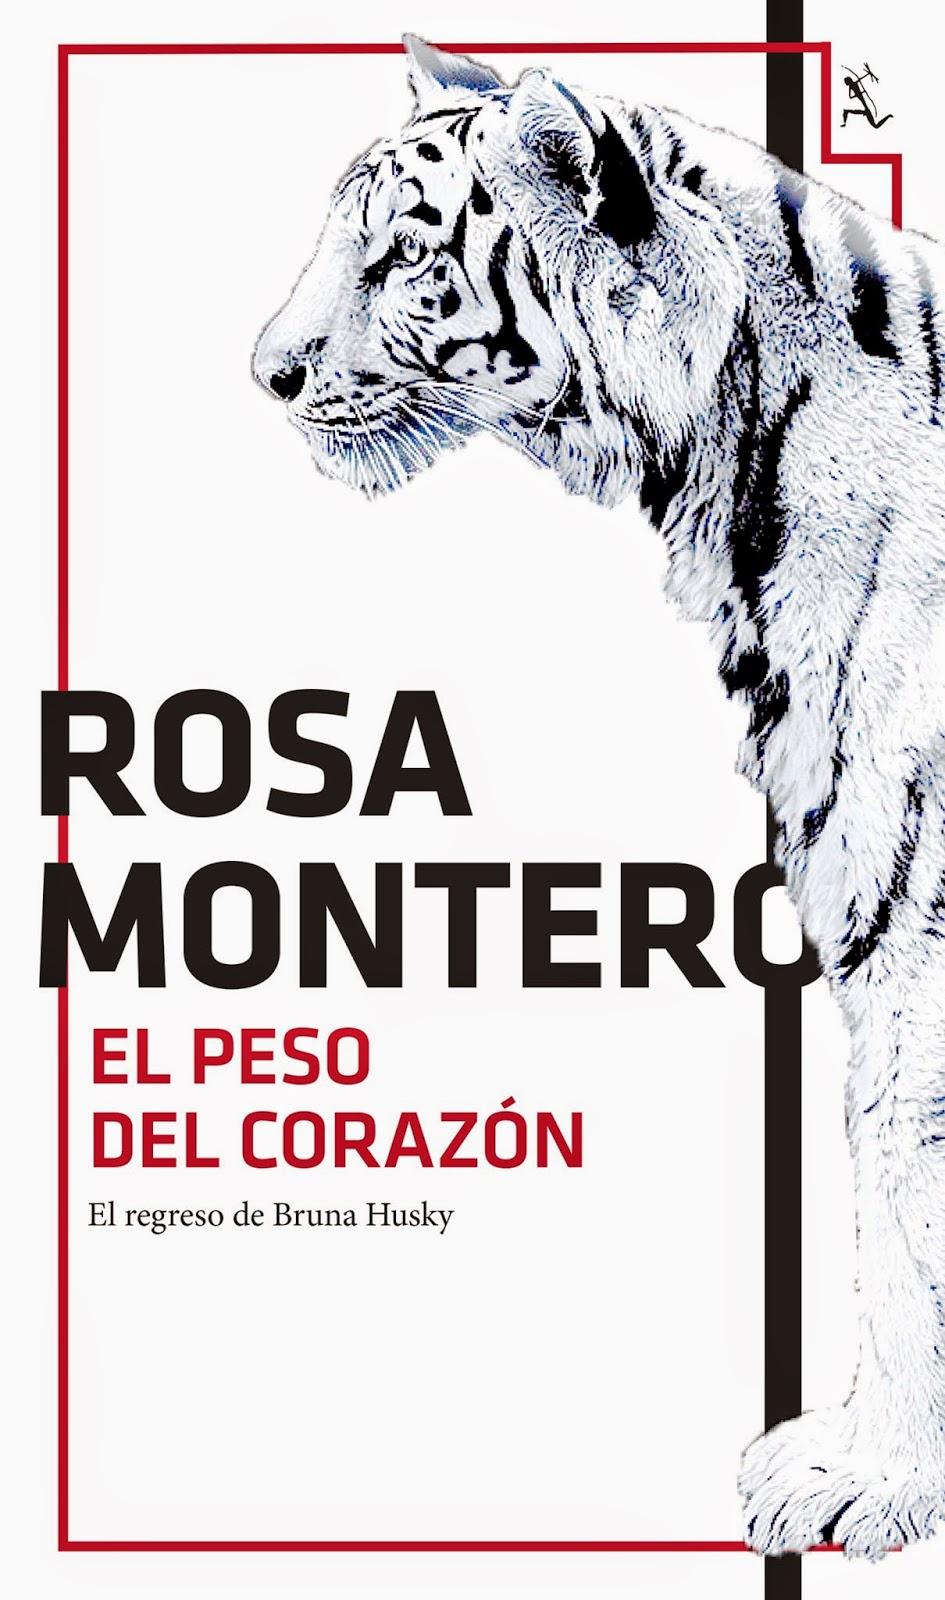 Ranking Semanal: Número 11. El peso del corazón, de Rosa Montero.